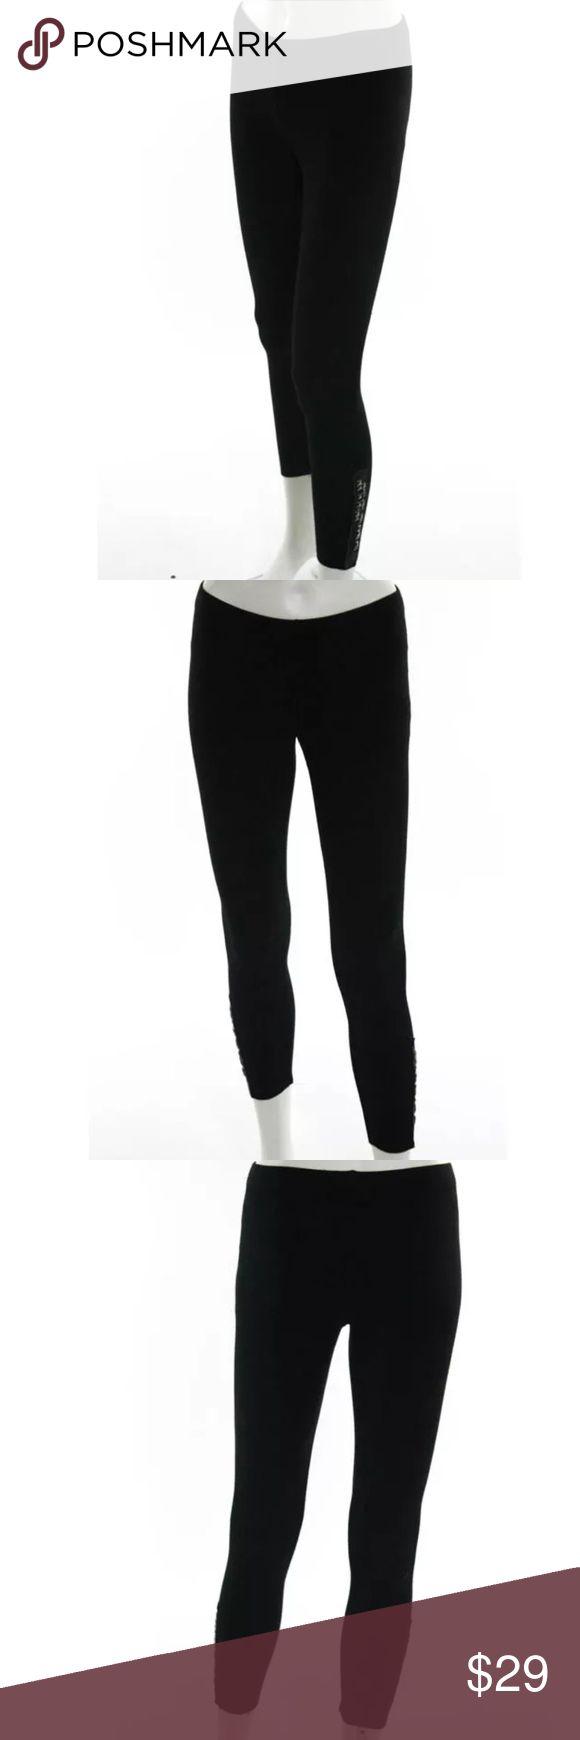 GRAHAM & SPENCER BLACK SKINNY LEGGINGS SIZE XS Graham & Spencer black skinny studded leggings size XS Graham & Spencer Pants Leggings